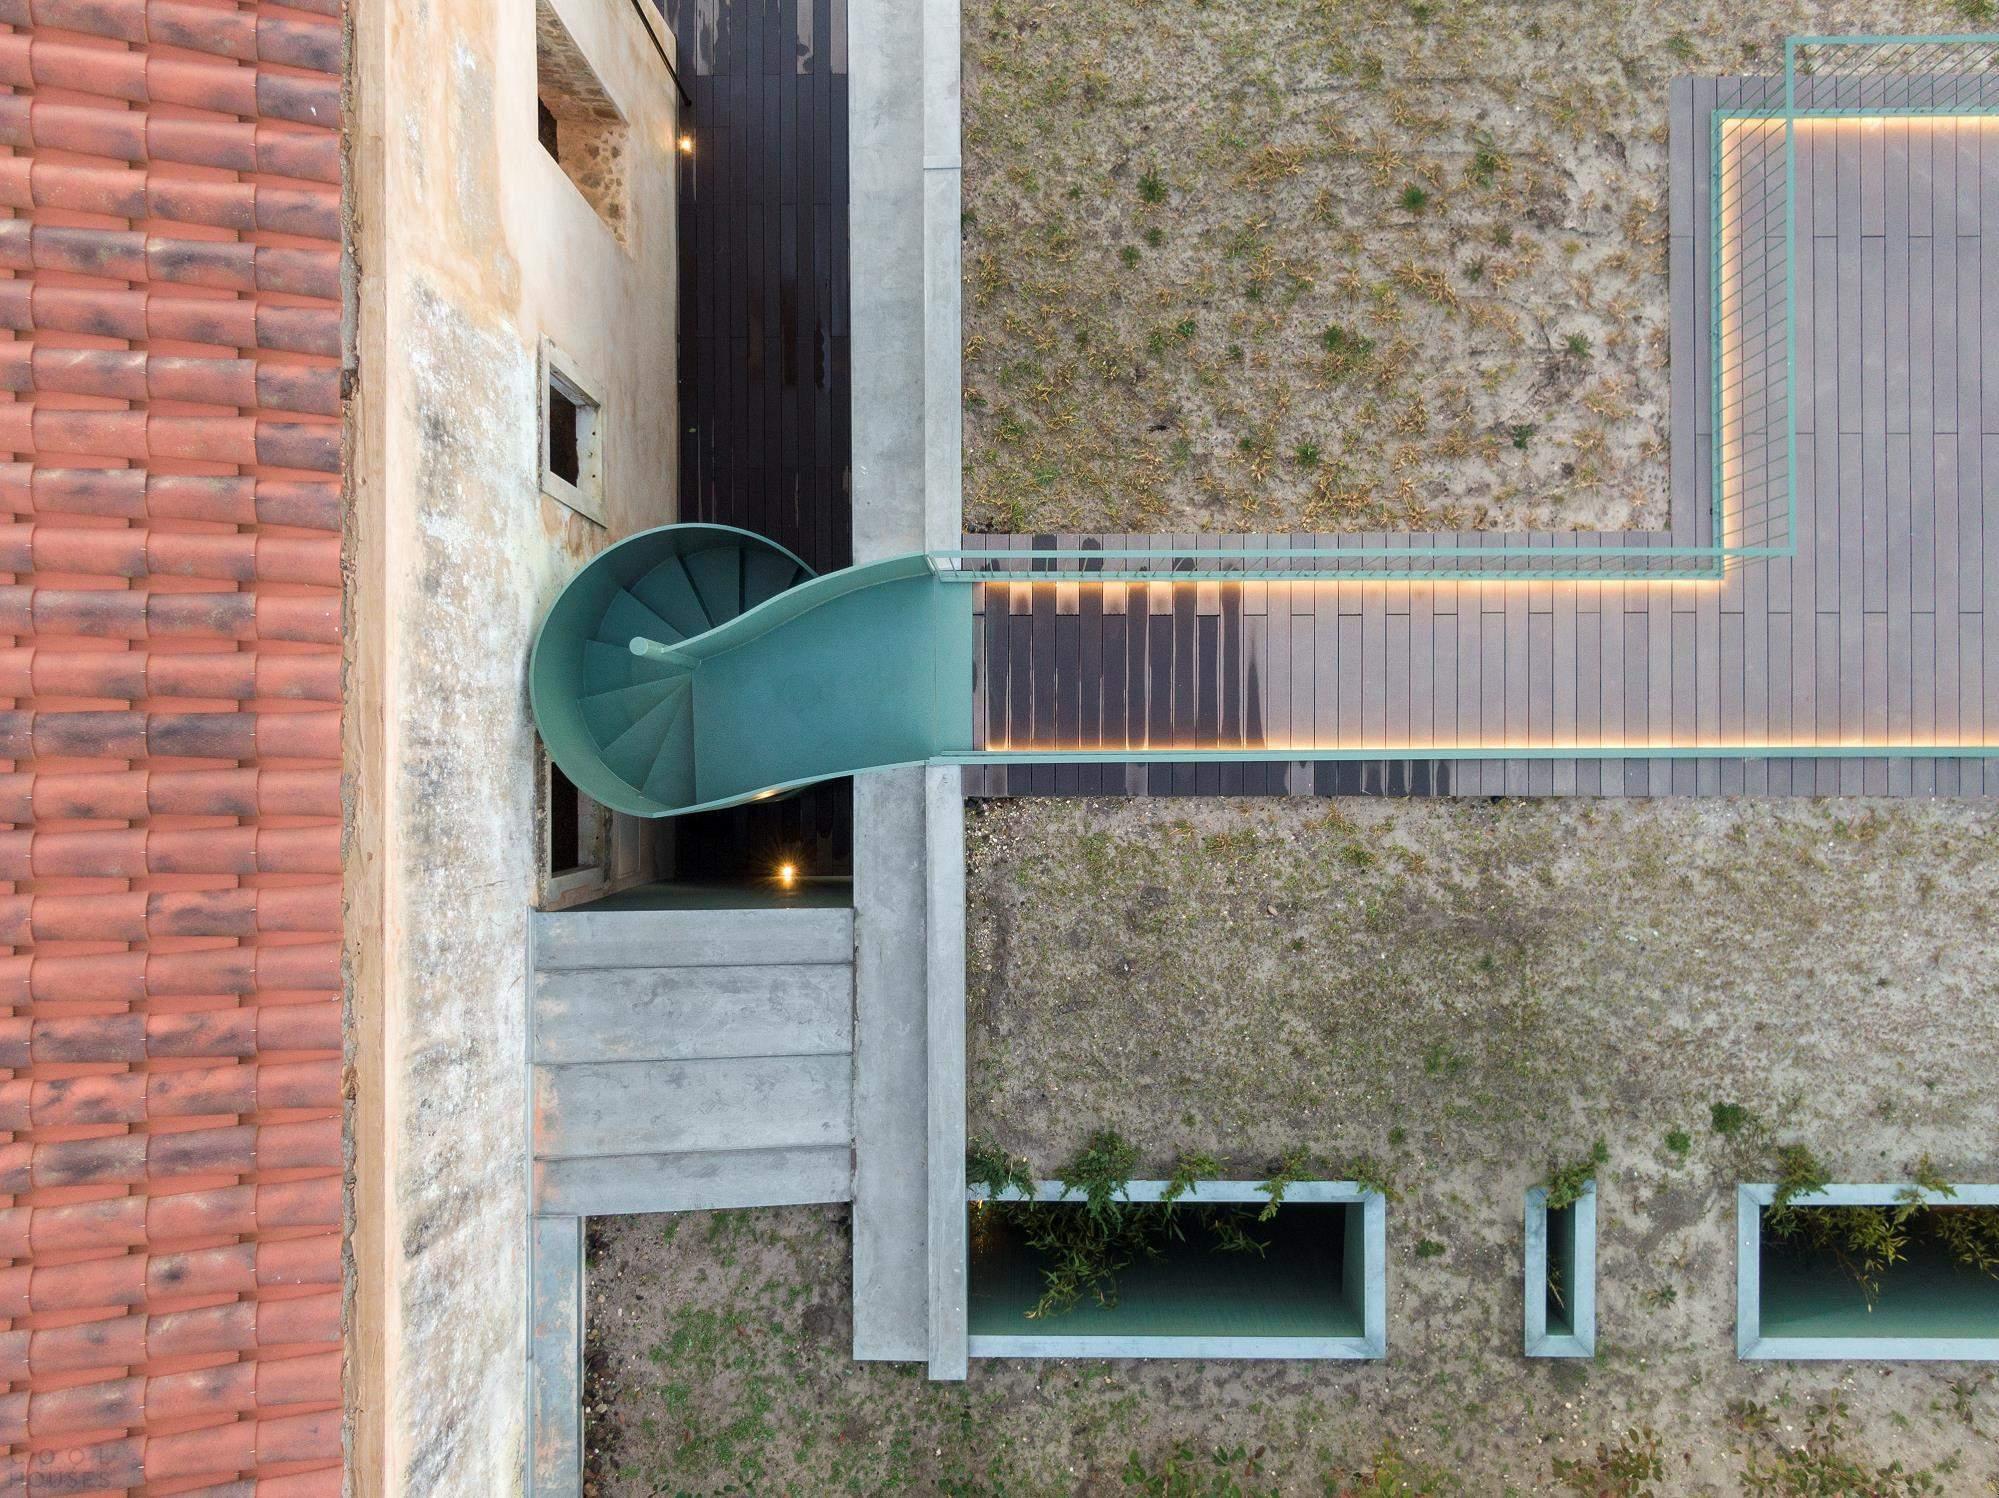 Реставрация дома с демонстрацией диалога между старым и новым, Португалия